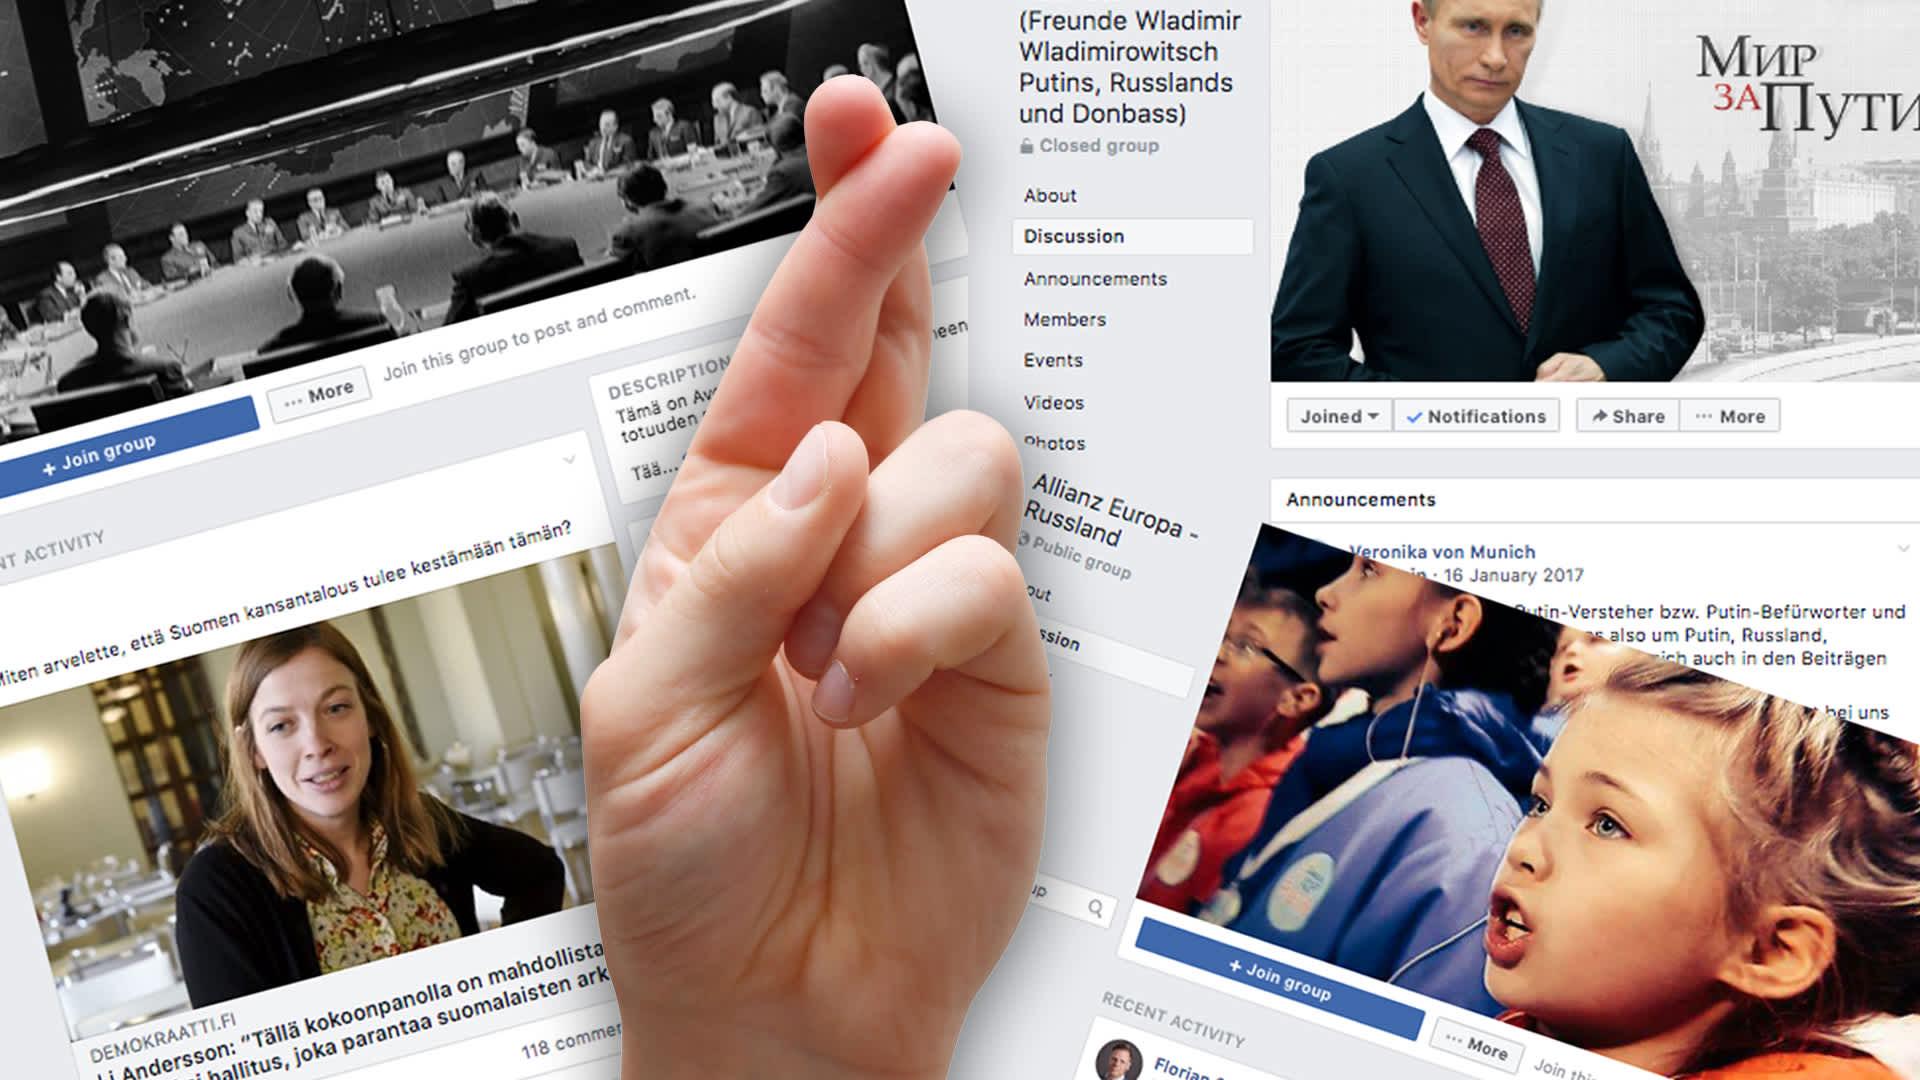 Uudet viestintäteknologiat helpottavat myös valeuutisten levittämistä.